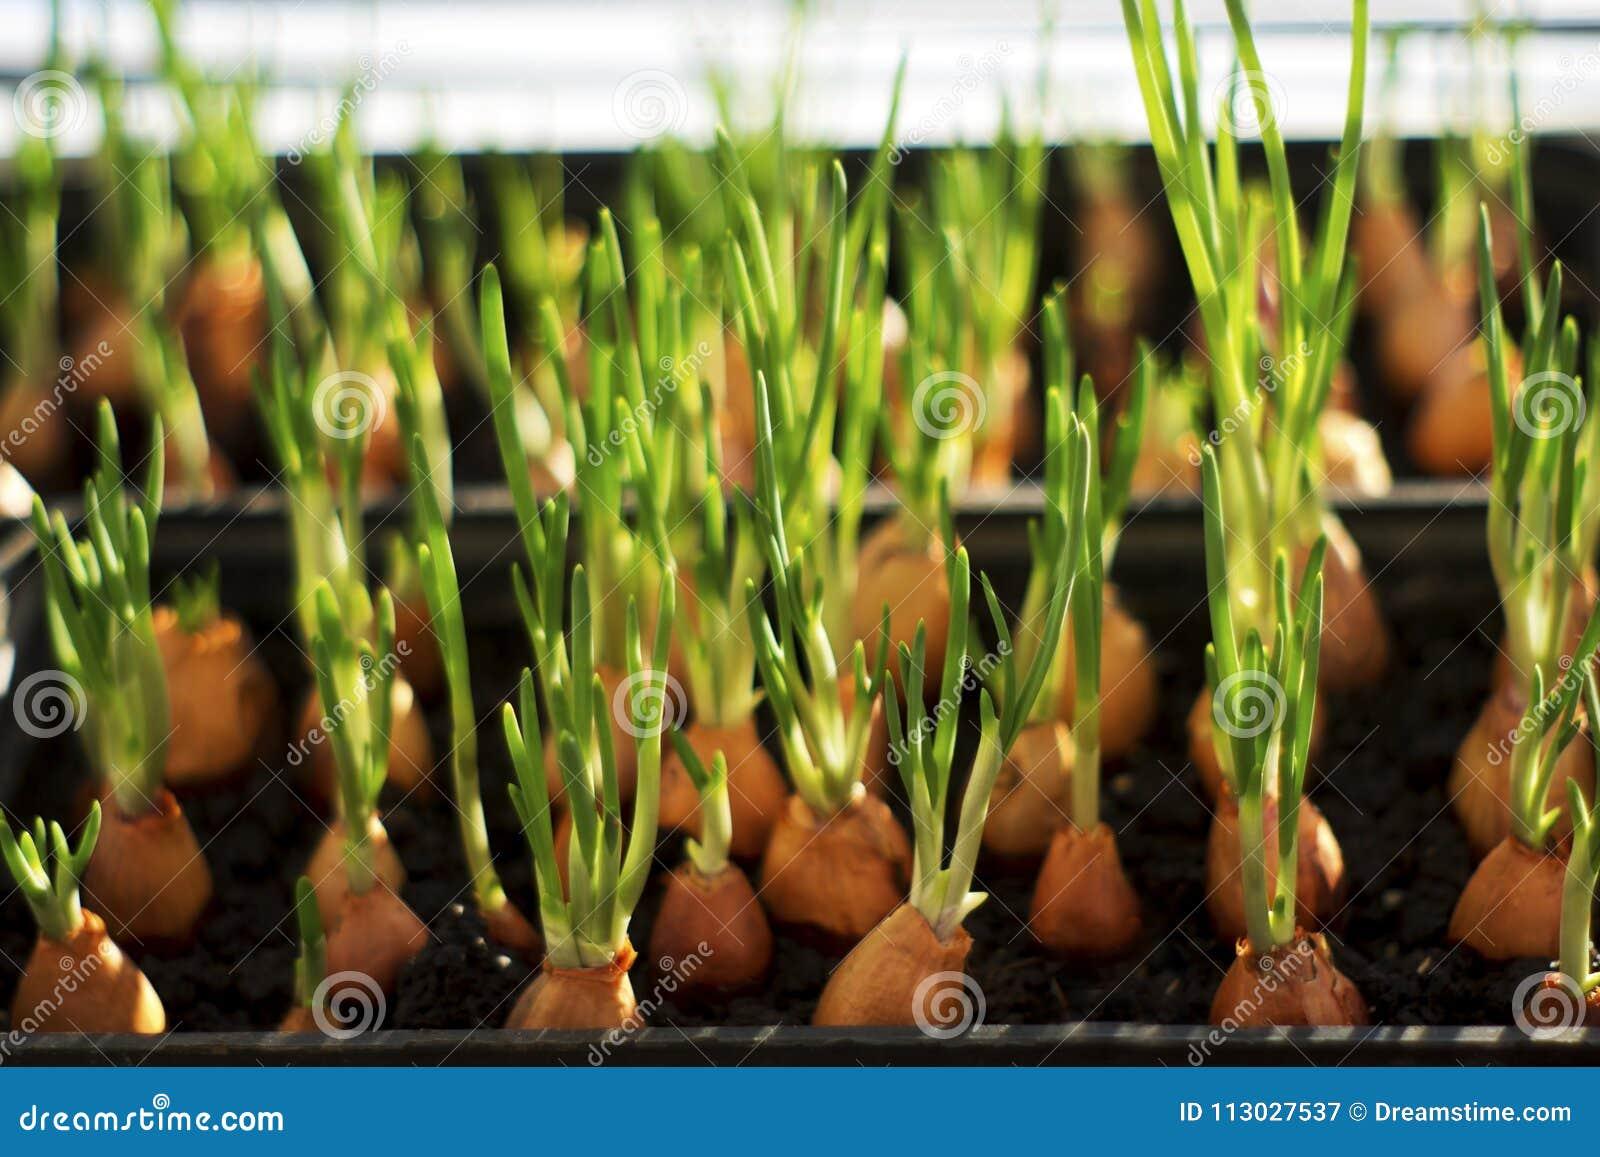 La cebolla joven verde está creciendo